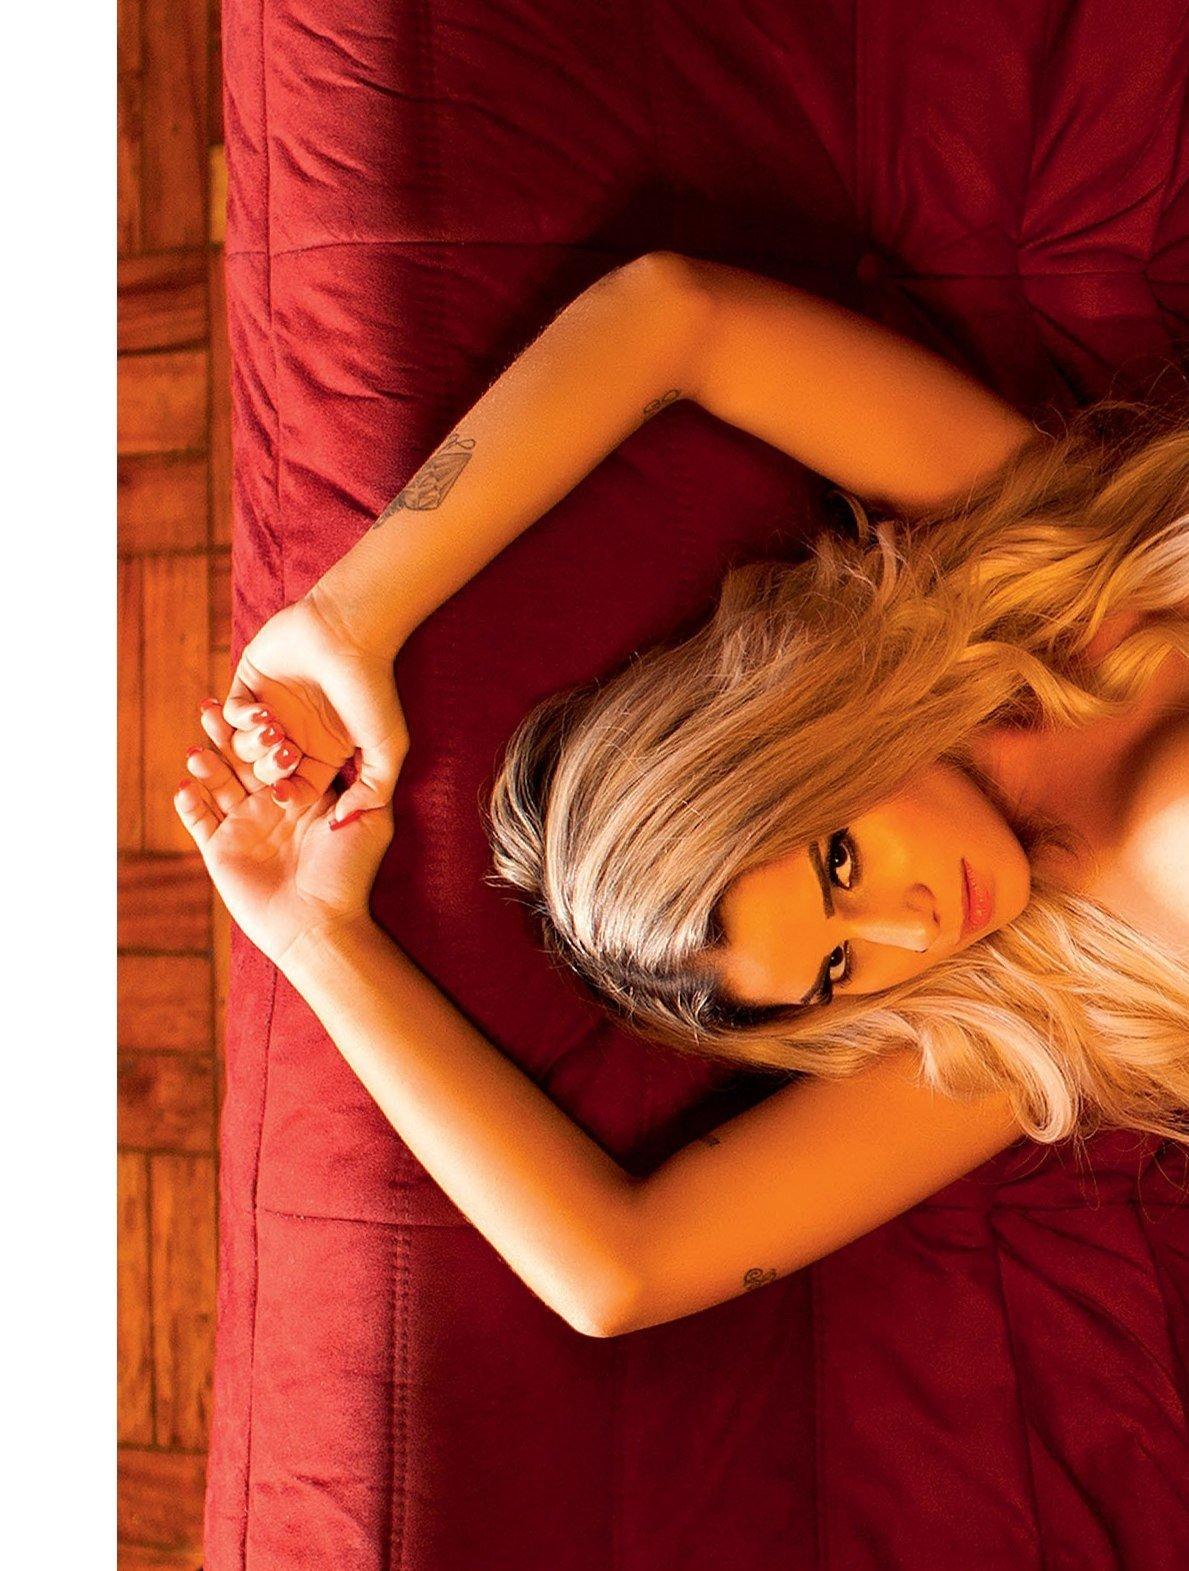 Fotos Playboy Panicat Iara Ramos Outubro (15)